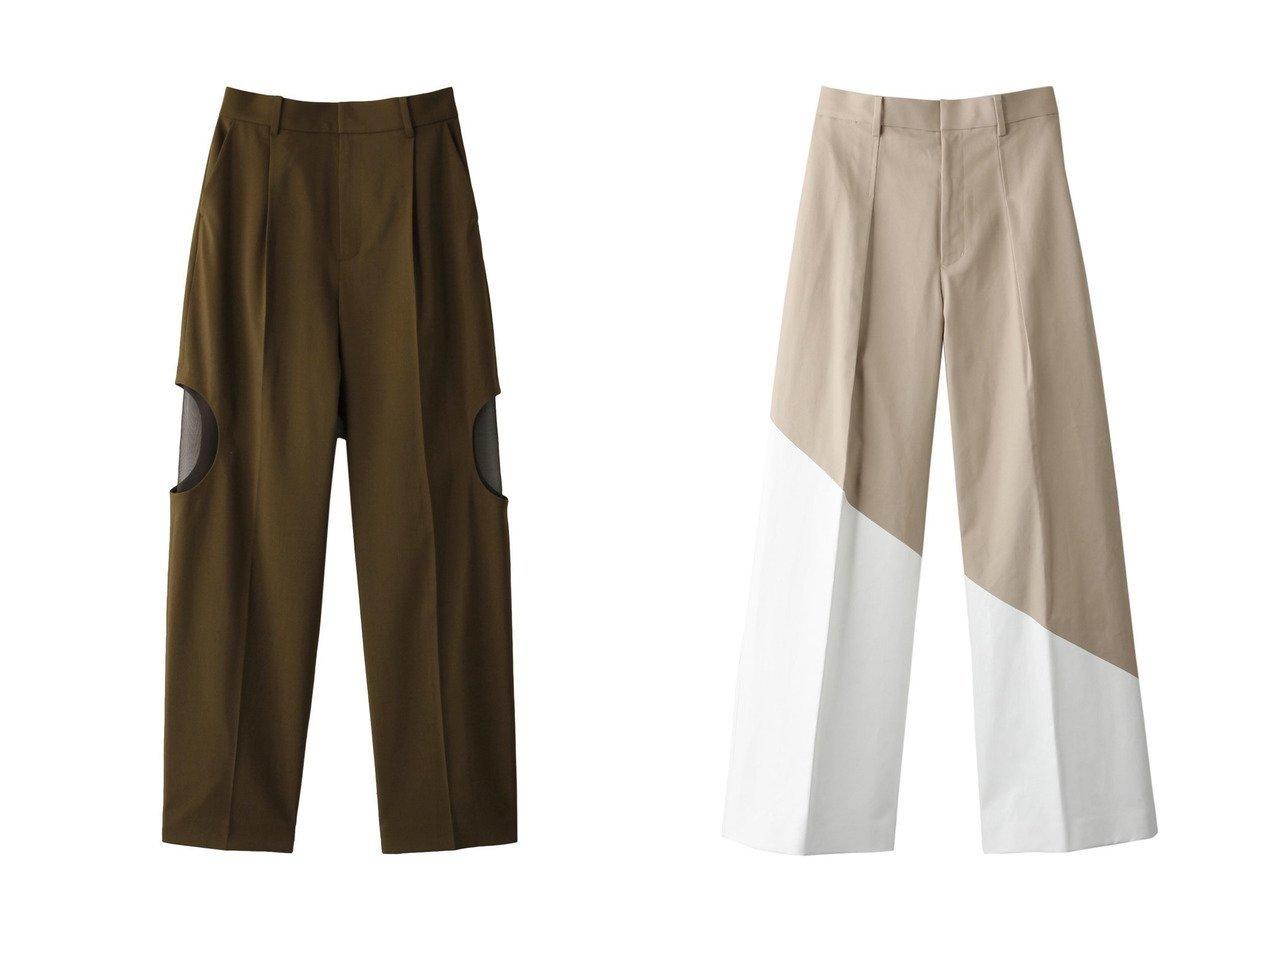 【LE CIEL BLEU/ルシェル ブルー】のカットアウトテーラードパンツ&ホワイトプリントパンツ 【パンツ】おすすめ!人気、トレンド・レディースファッションの通販 おすすめで人気の流行・トレンド、ファッションの通販商品 インテリア・家具・メンズファッション・キッズファッション・レディースファッション・服の通販 founy(ファニー) https://founy.com/ ファッション Fashion レディースファッション WOMEN パンツ Pants センター  ID:crp329100000067653